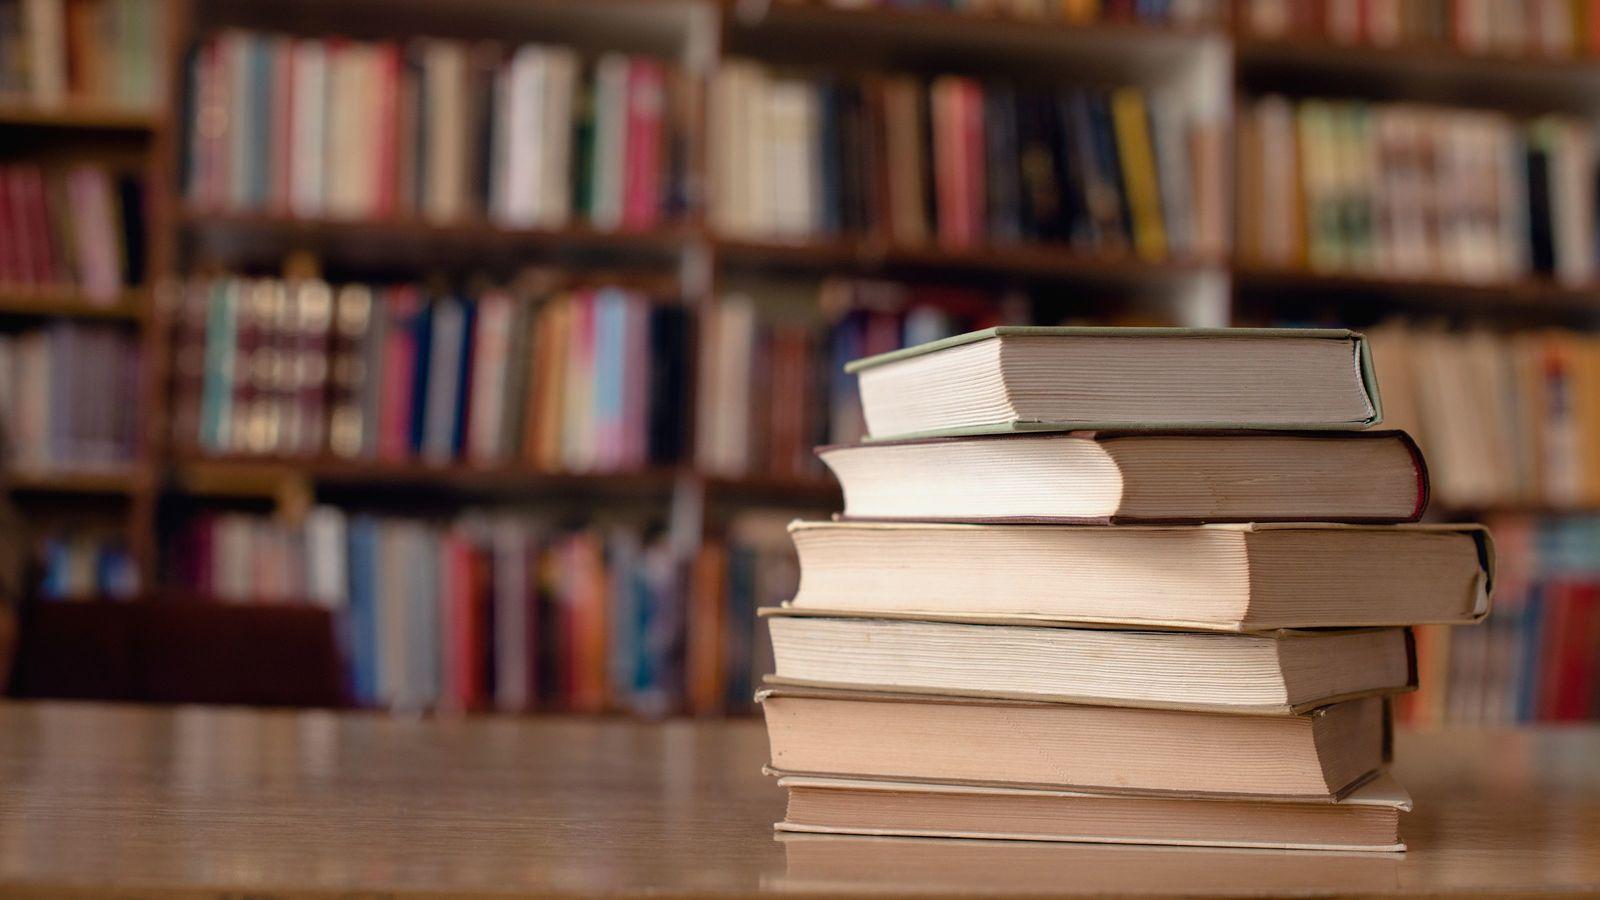 本を1冊ずつ読む人がアイデアを出せないワケ それでは良い案は生まれない